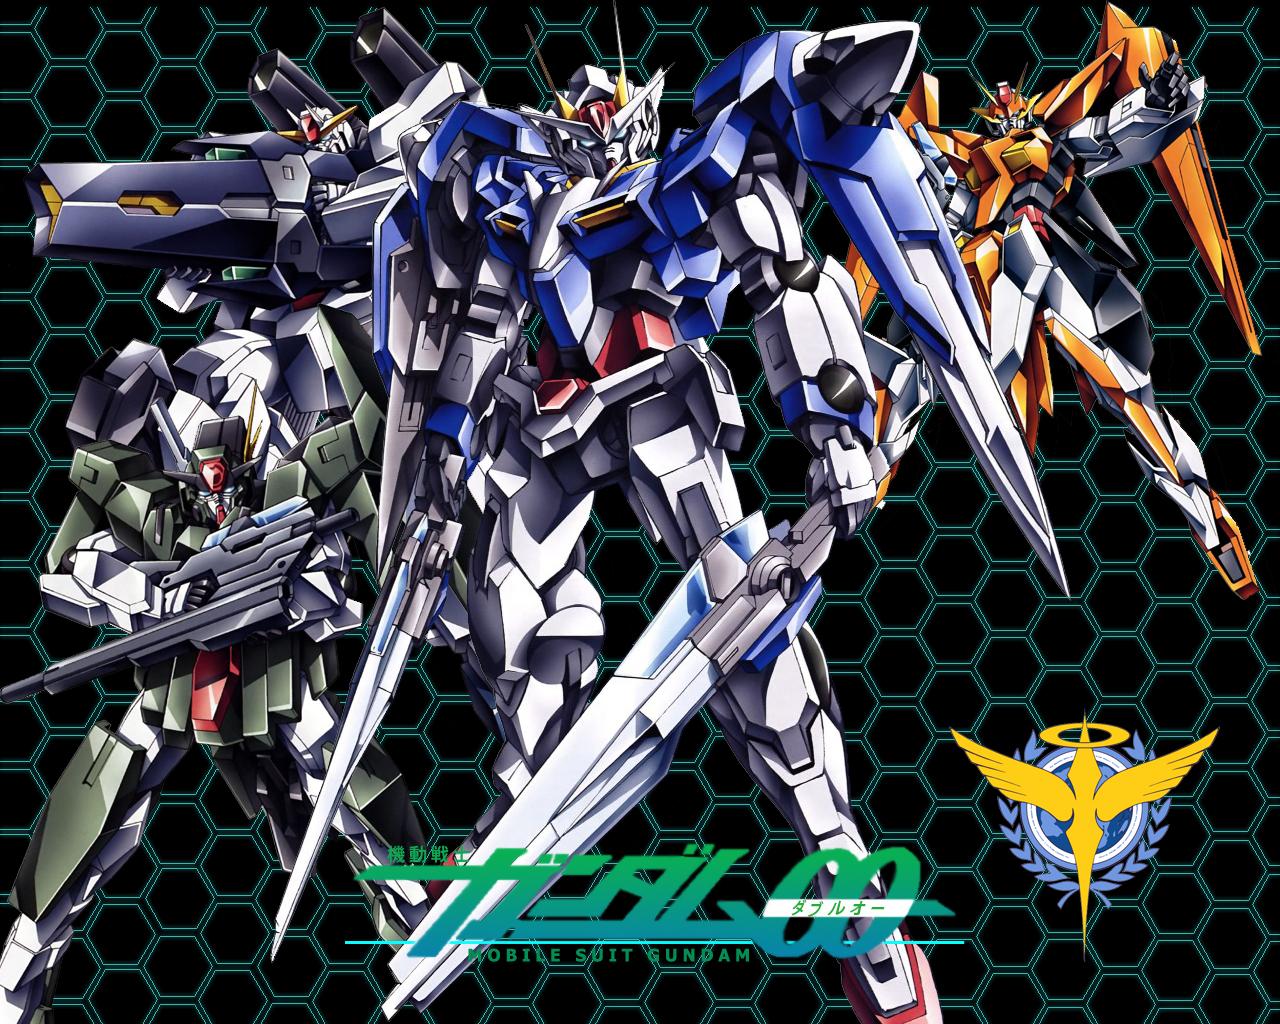 Gundam 00 2nd 1280x1024